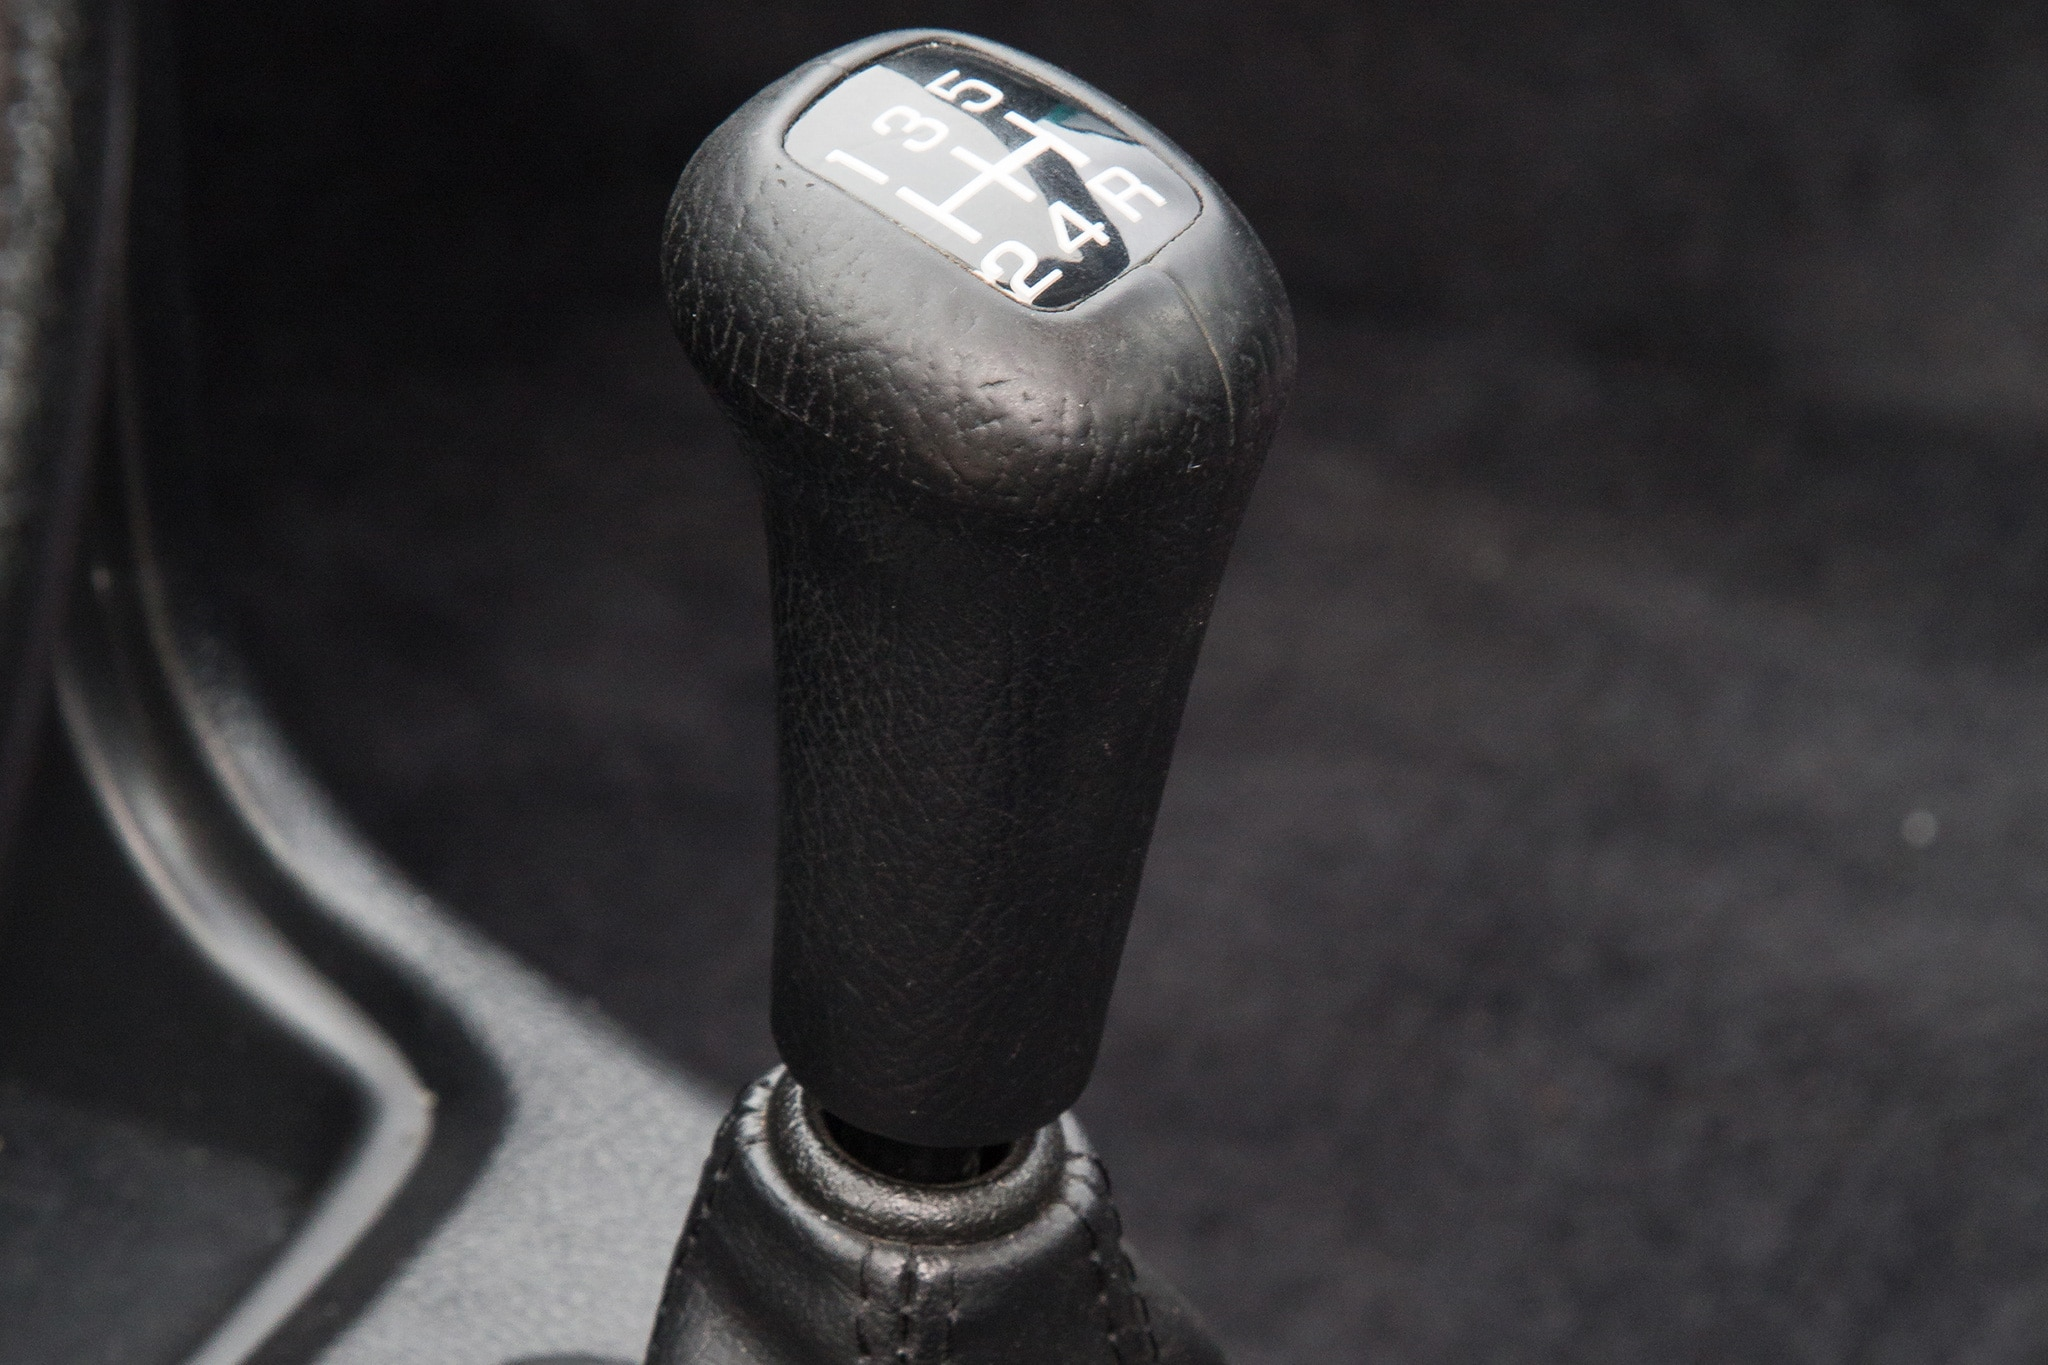 Acura Integra Gs R Gear Shifter on 1992 Acura Integra Gs